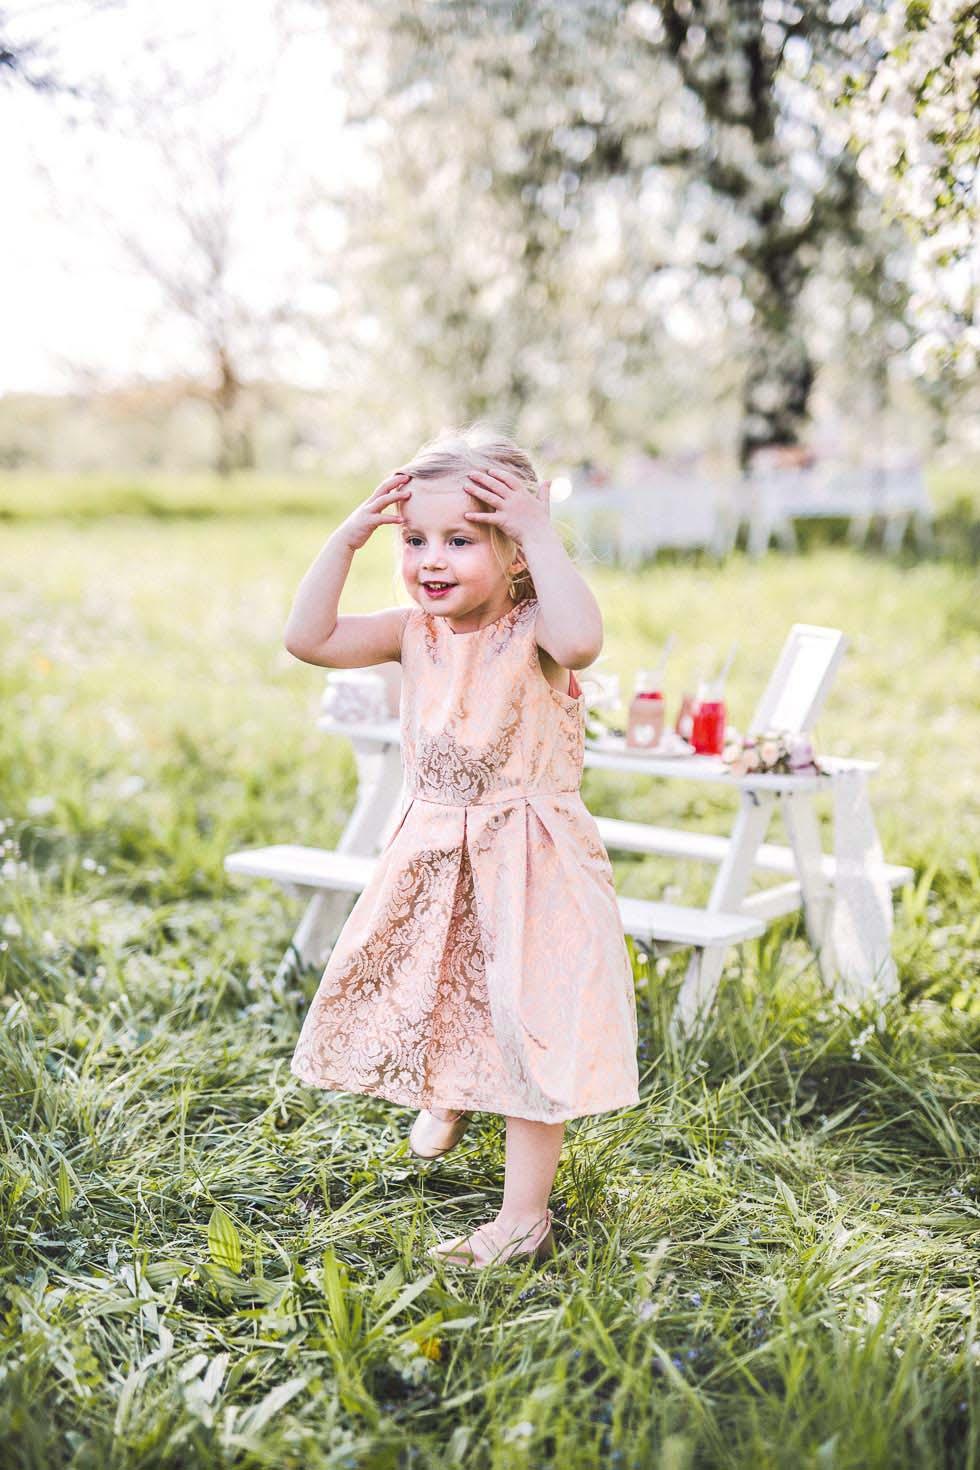 Ansprechend Ideen Für Hochzeitsfotos Beste Wahl Foto: Yessica Baur